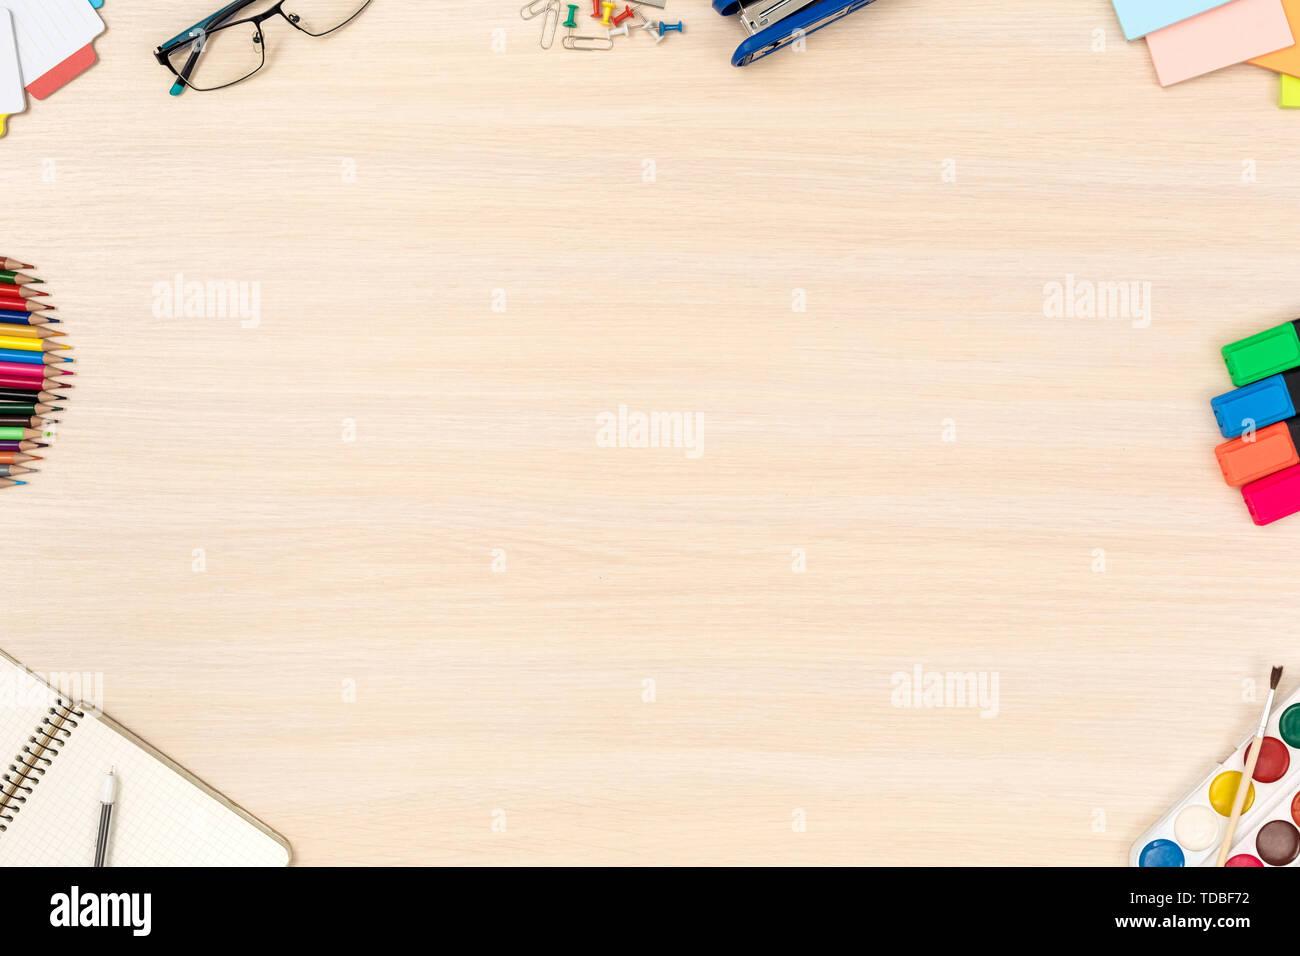 Kreativen Arbeitsplatz. Desk Top Anzeigen keine Personen Platz kopieren Stockbild